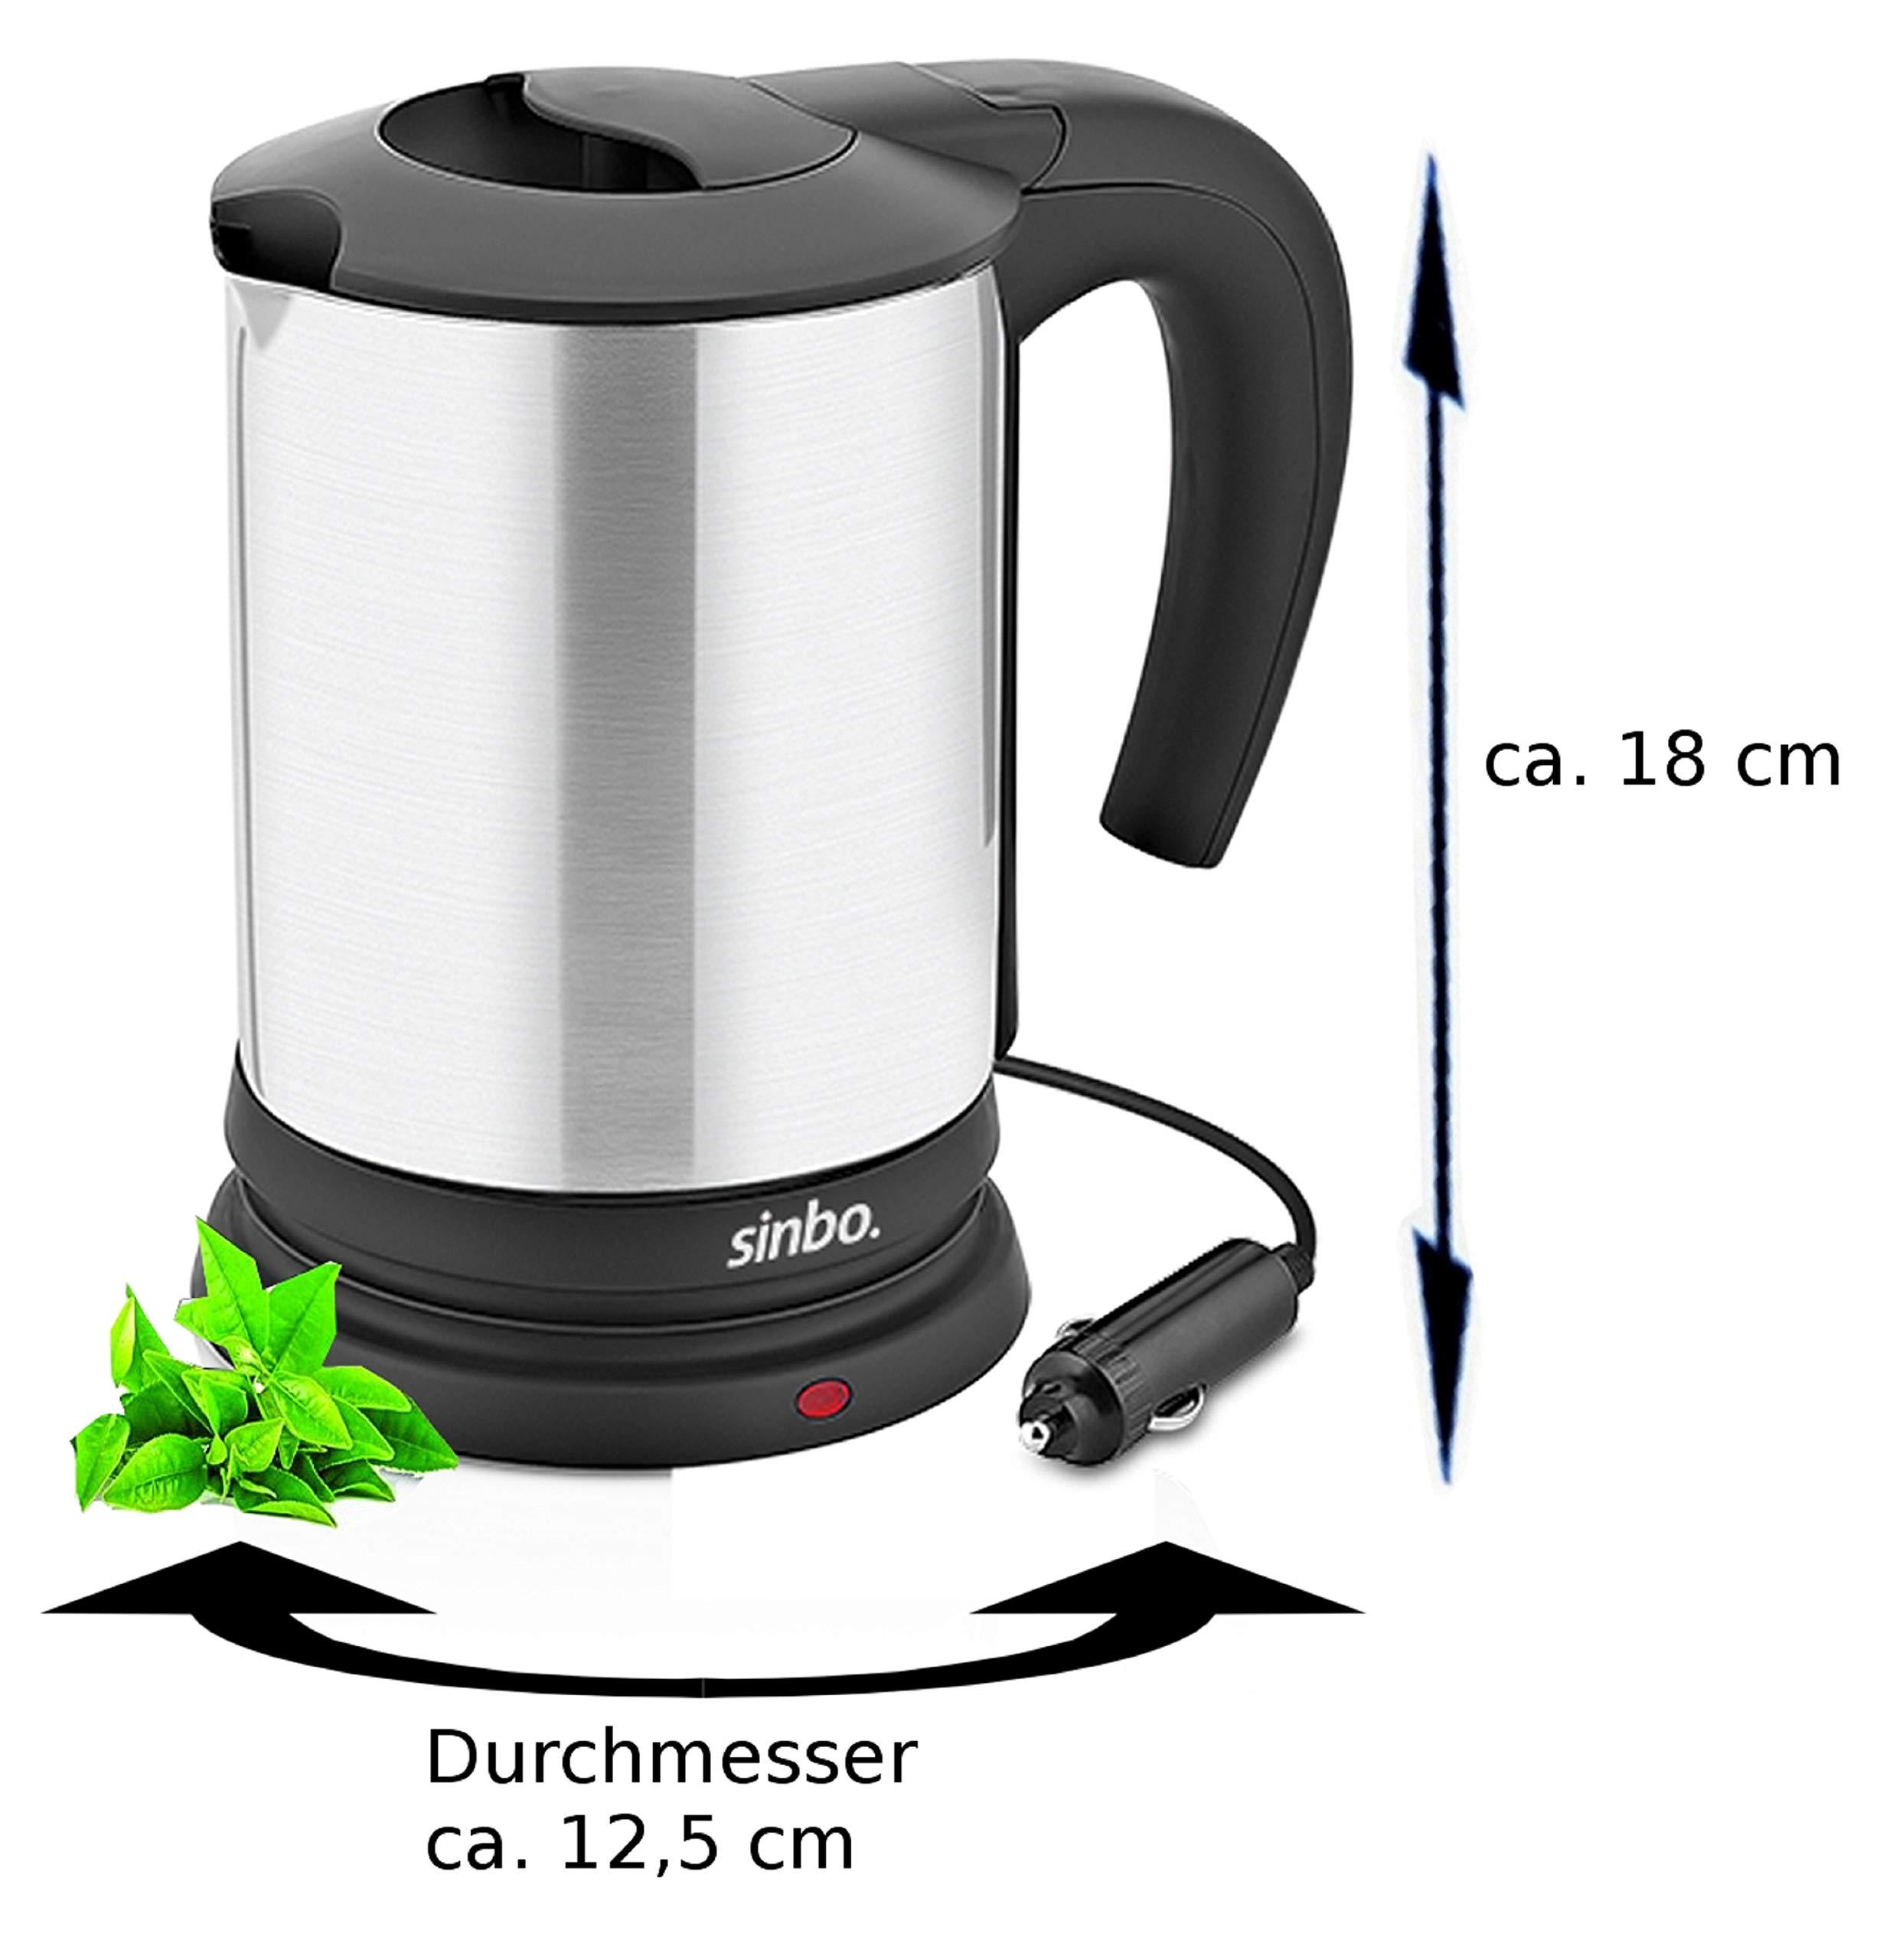 Reise-Wasserkocher-Camping-Wasserkocher-Mini-Wasserkocher-Campingwasserkocher-Camping-kettle-12-Volt-120-Watt-Hochwertiges-Edelstahl-1-Liter-Trockenkochschutz-Kein-Stromkabel